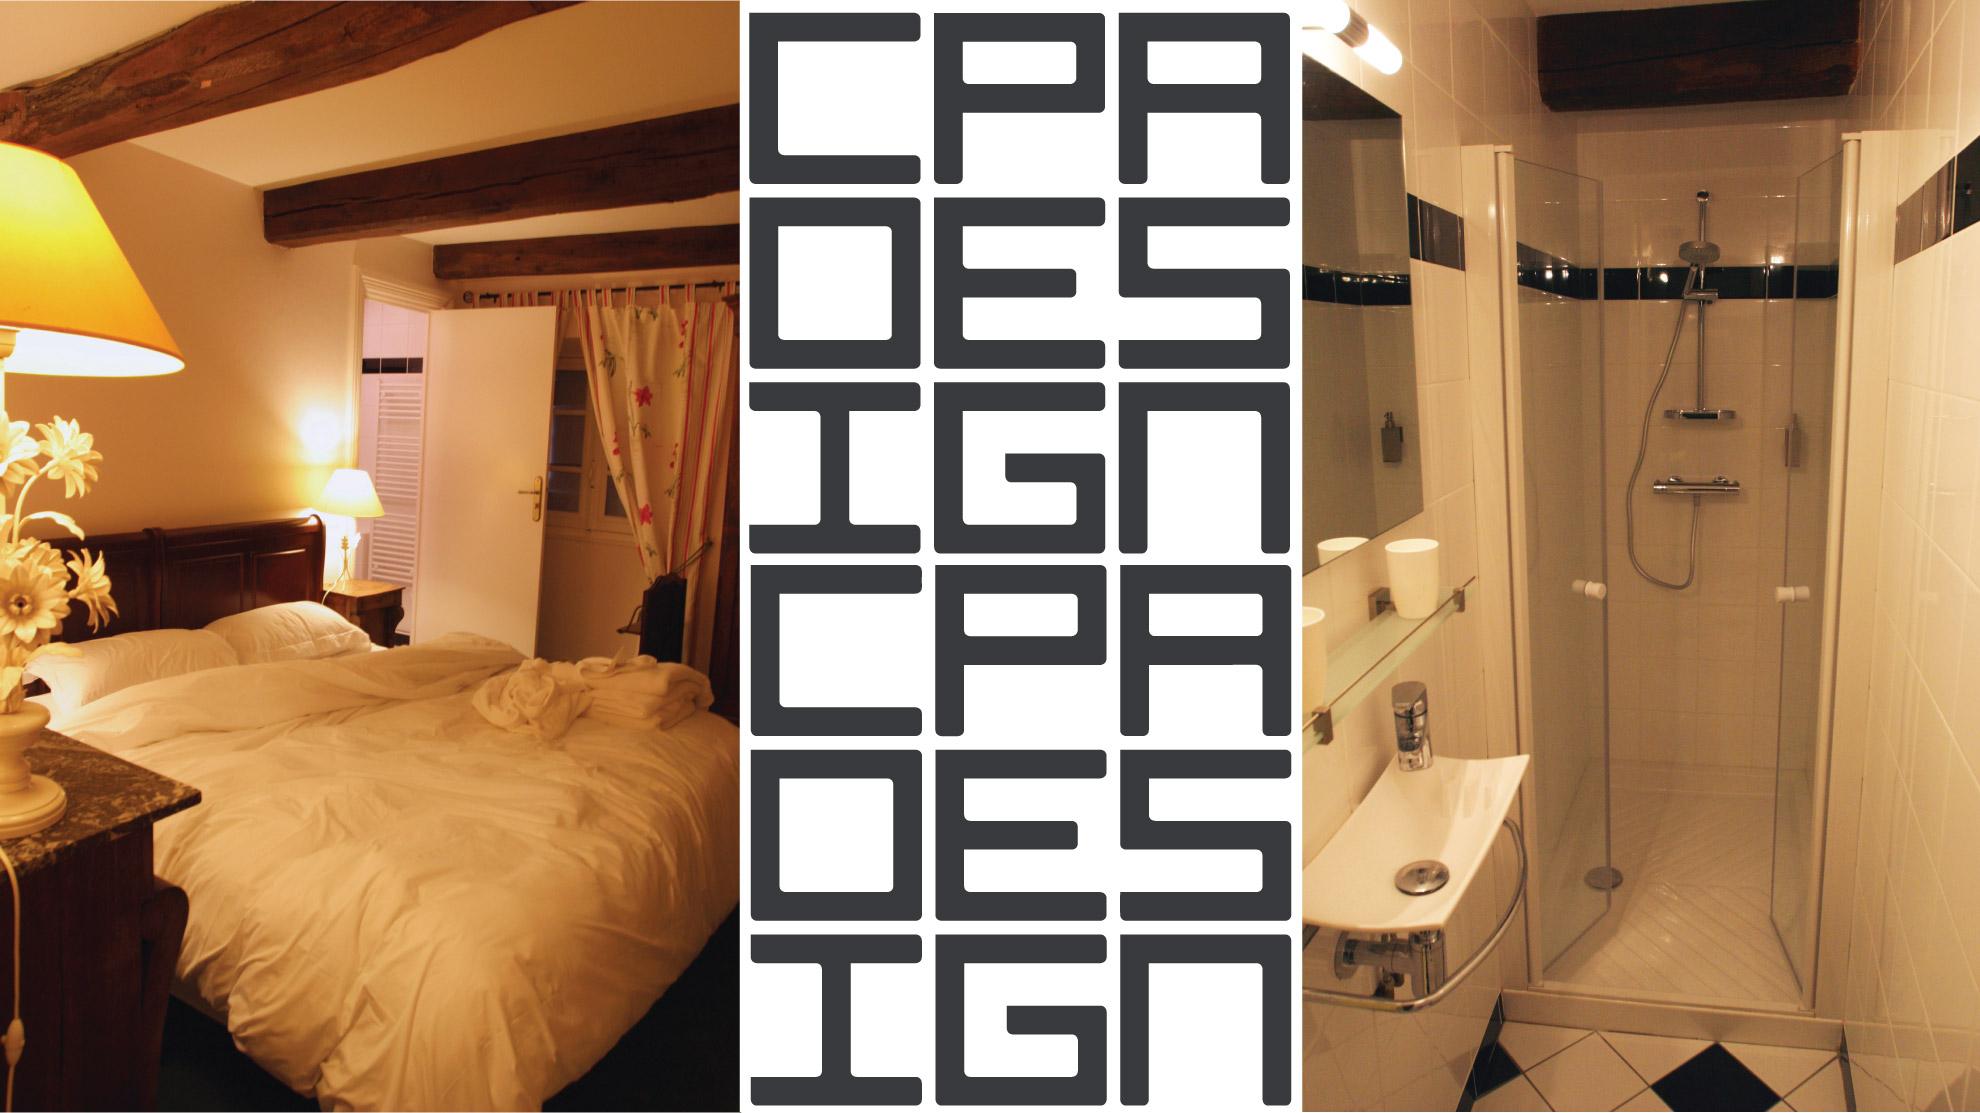 c_pa_design_produit_design_mobilier_realisation_conception_architercture-intérieur